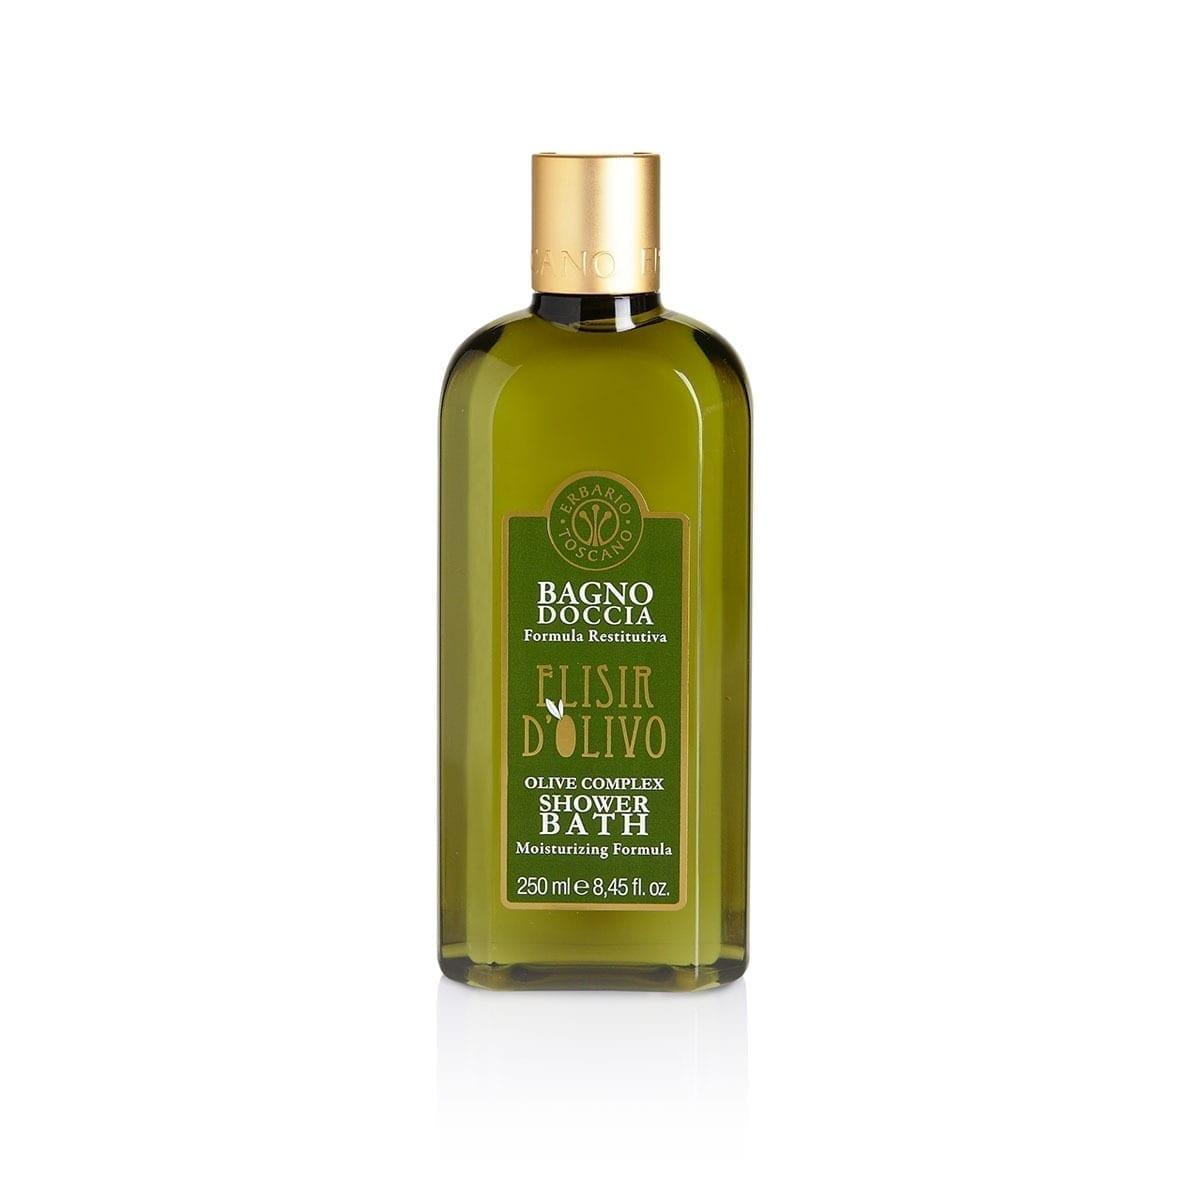 SHOWER BATH OLIVE COMPLEX Erbario Toscano